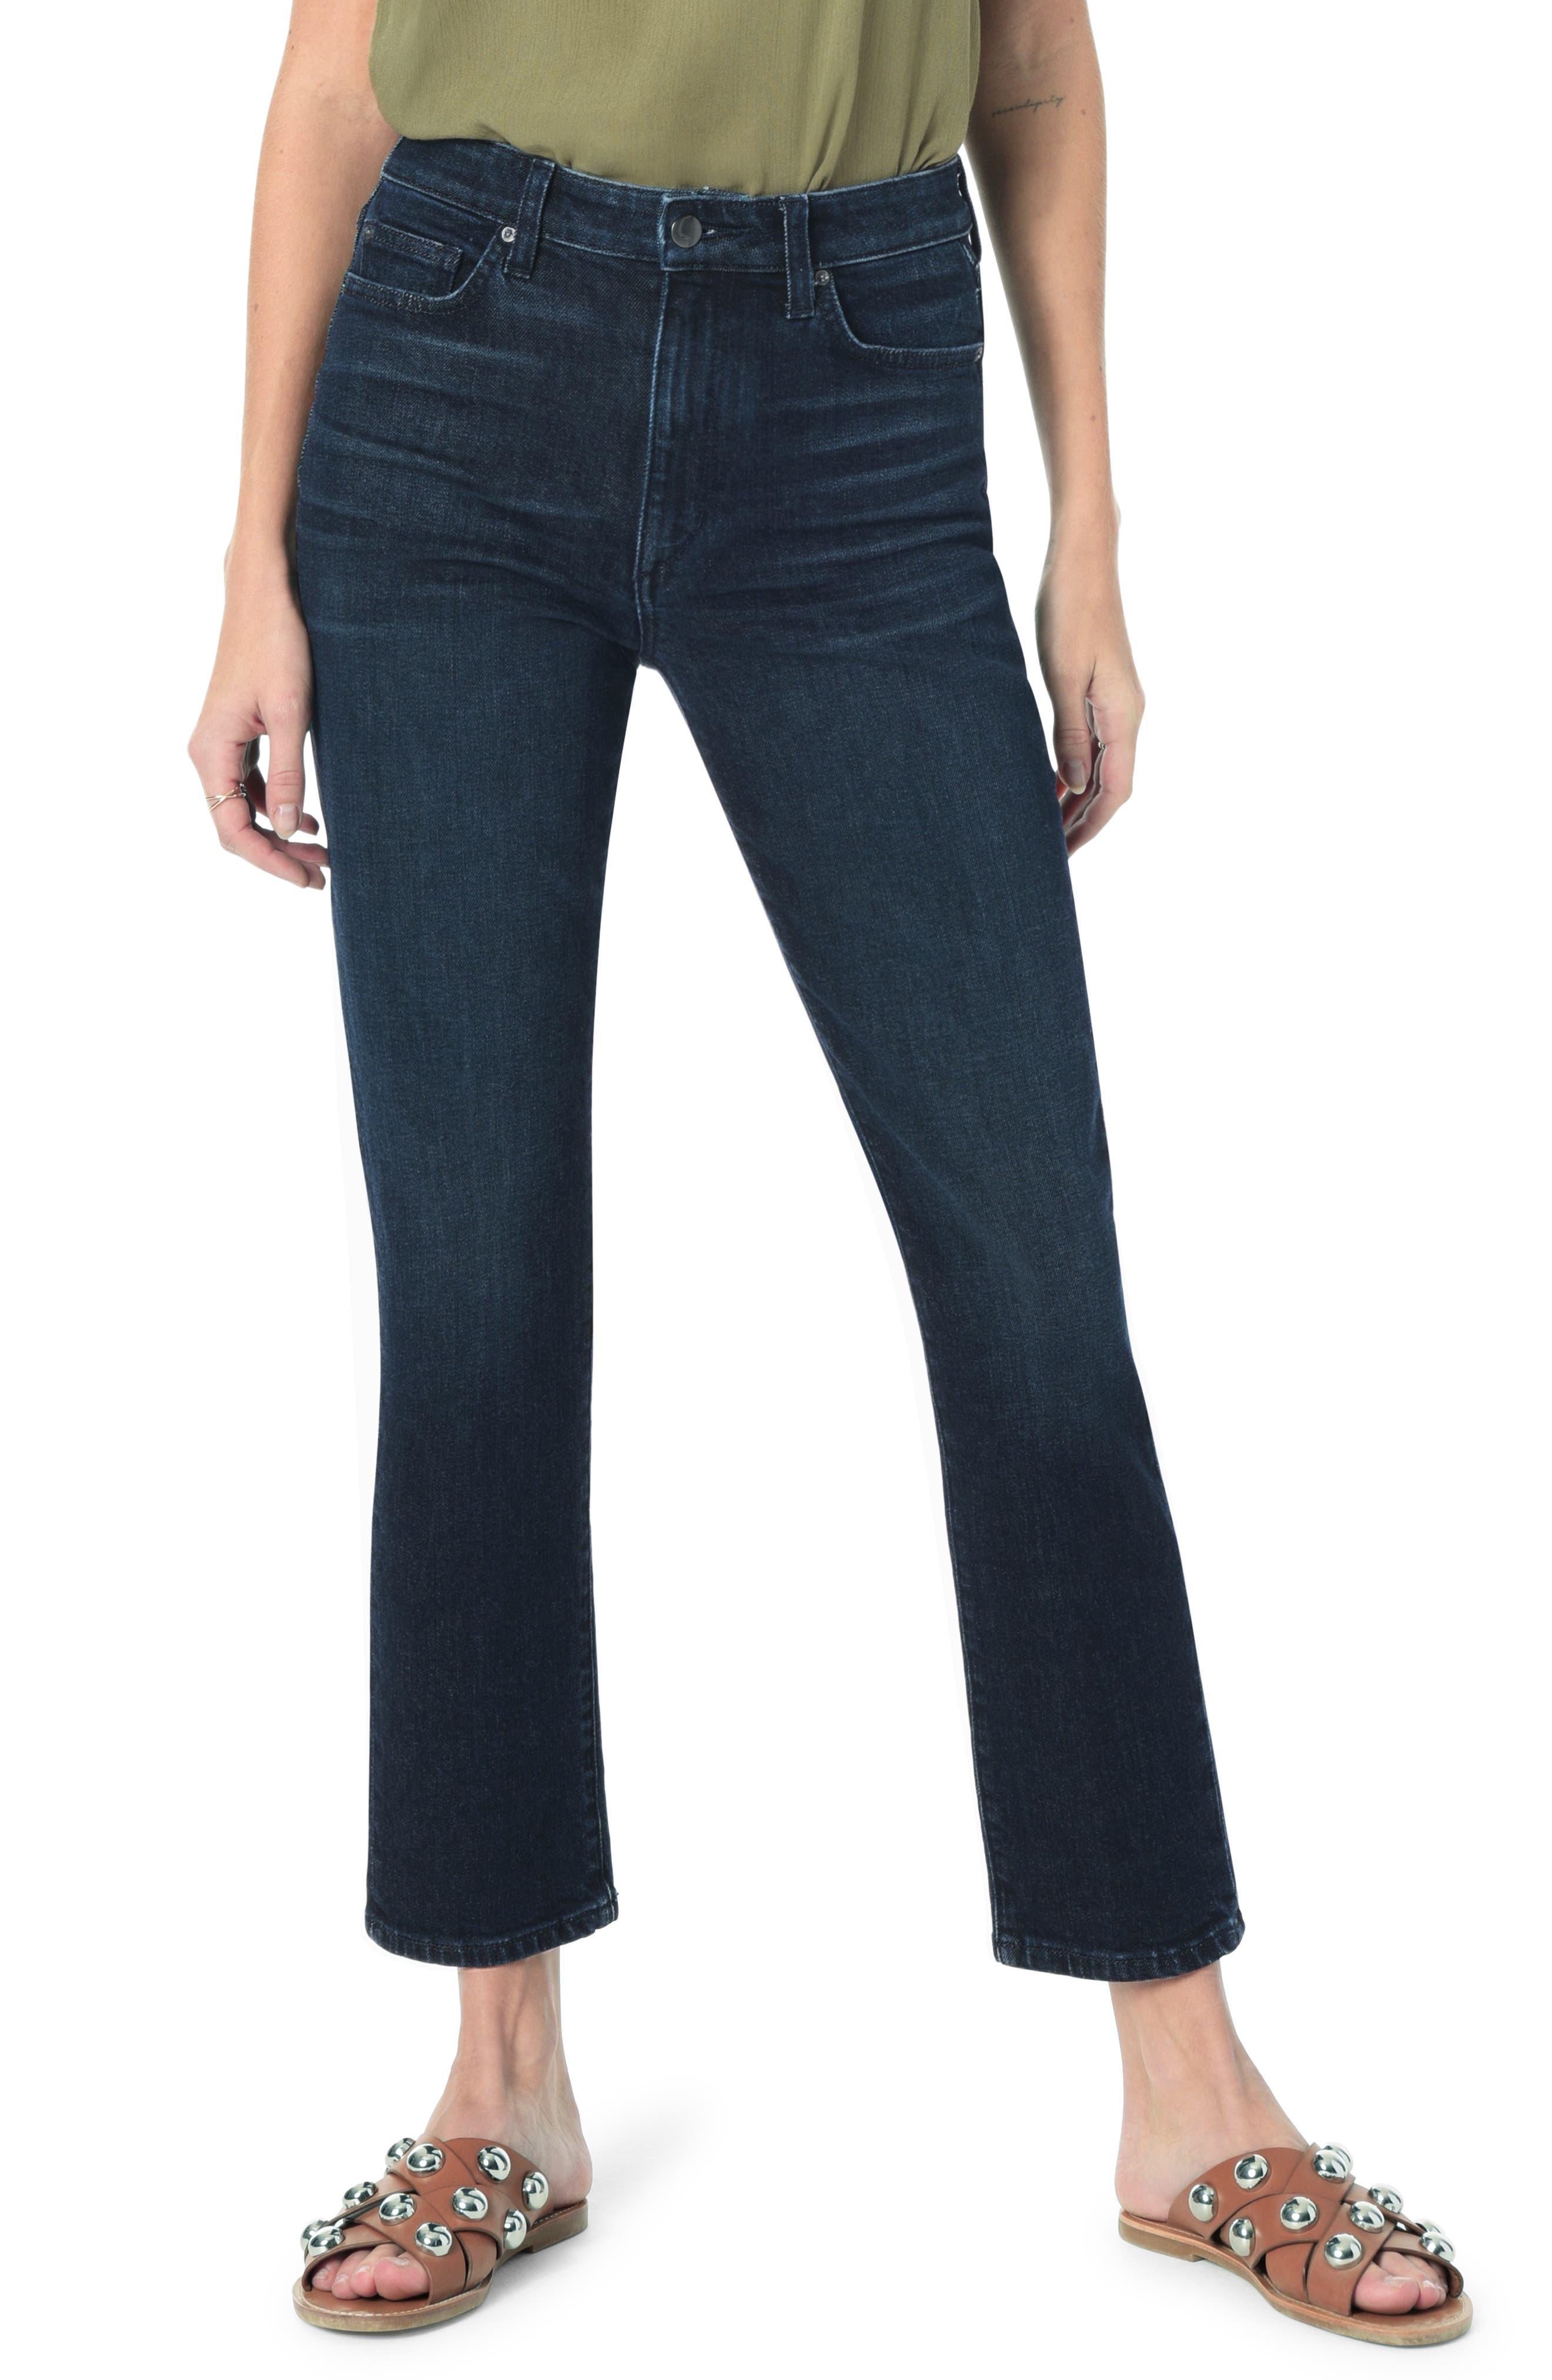 JOE'S,                             Milla Ankle Jeans,                             Main thumbnail 1, color,                             JOJO